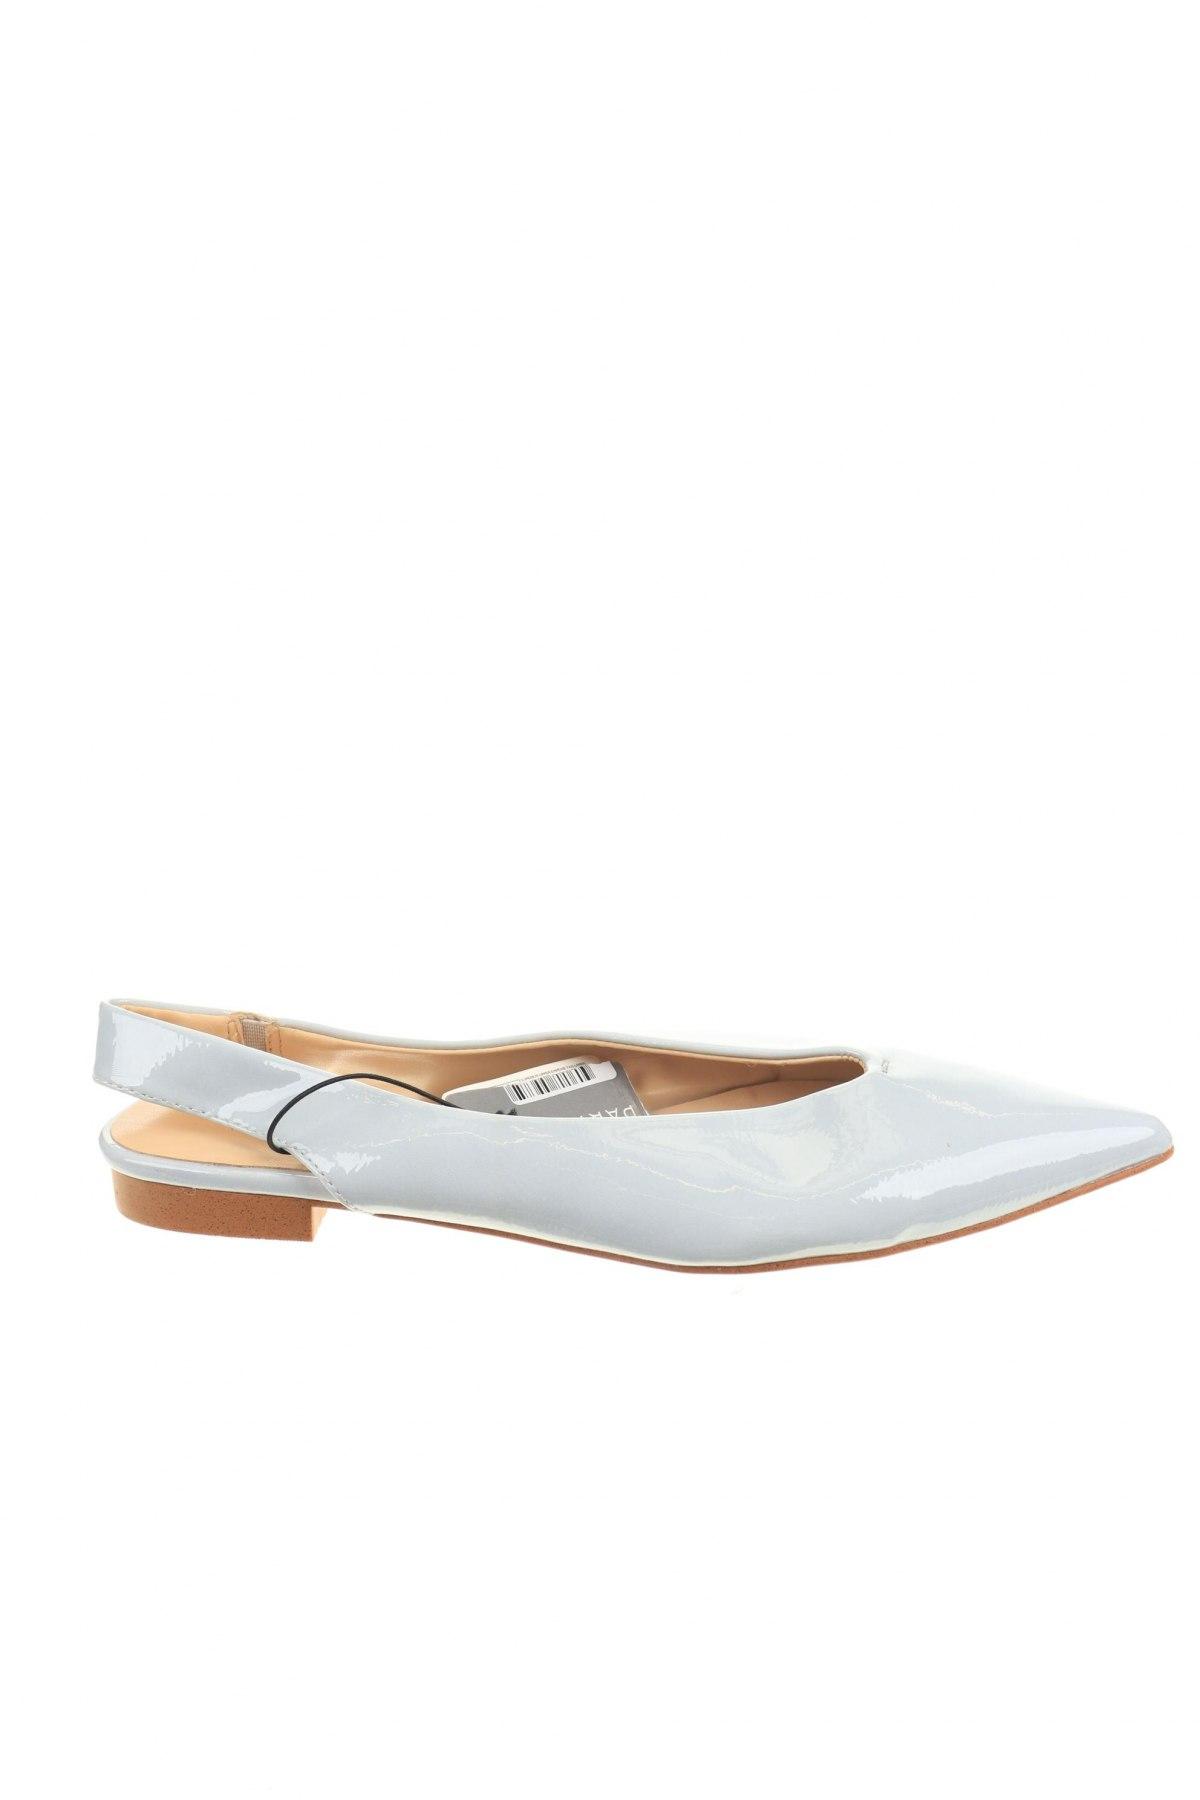 Γυναικεία παπούτσια Parfois, Μέγεθος 36, Χρώμα Μπλέ, Δερματίνη, Τιμή 26,68€